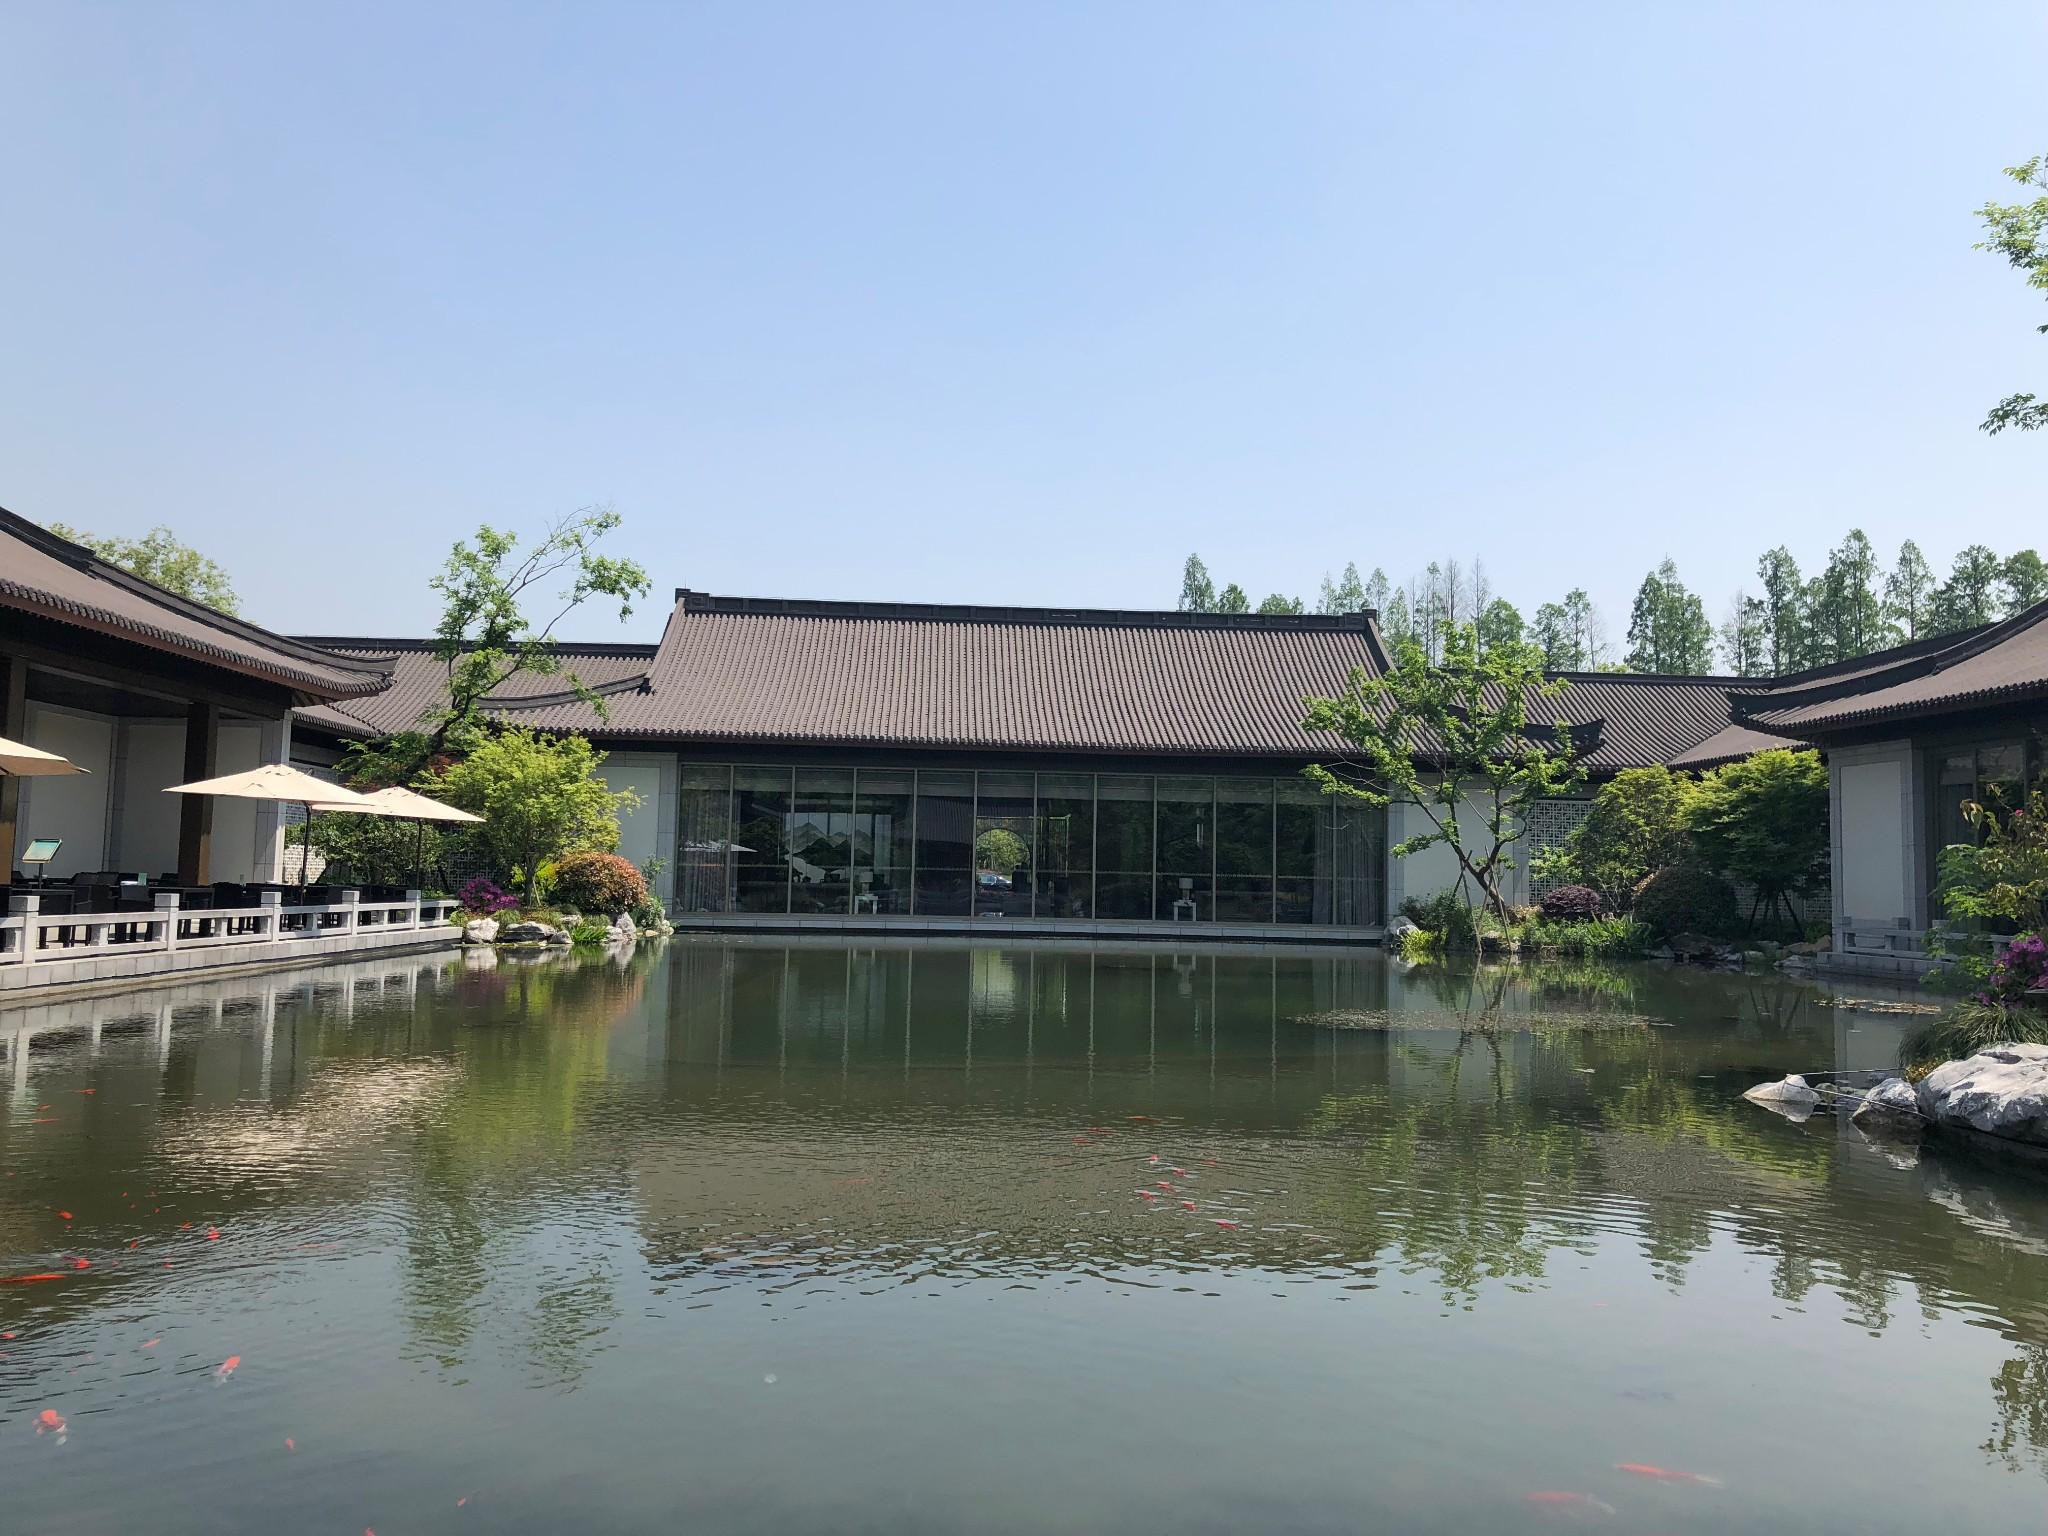 杭州西湖国宾馆怎么样,杭州西湖国宾馆,杭州西湖国宾馆环境